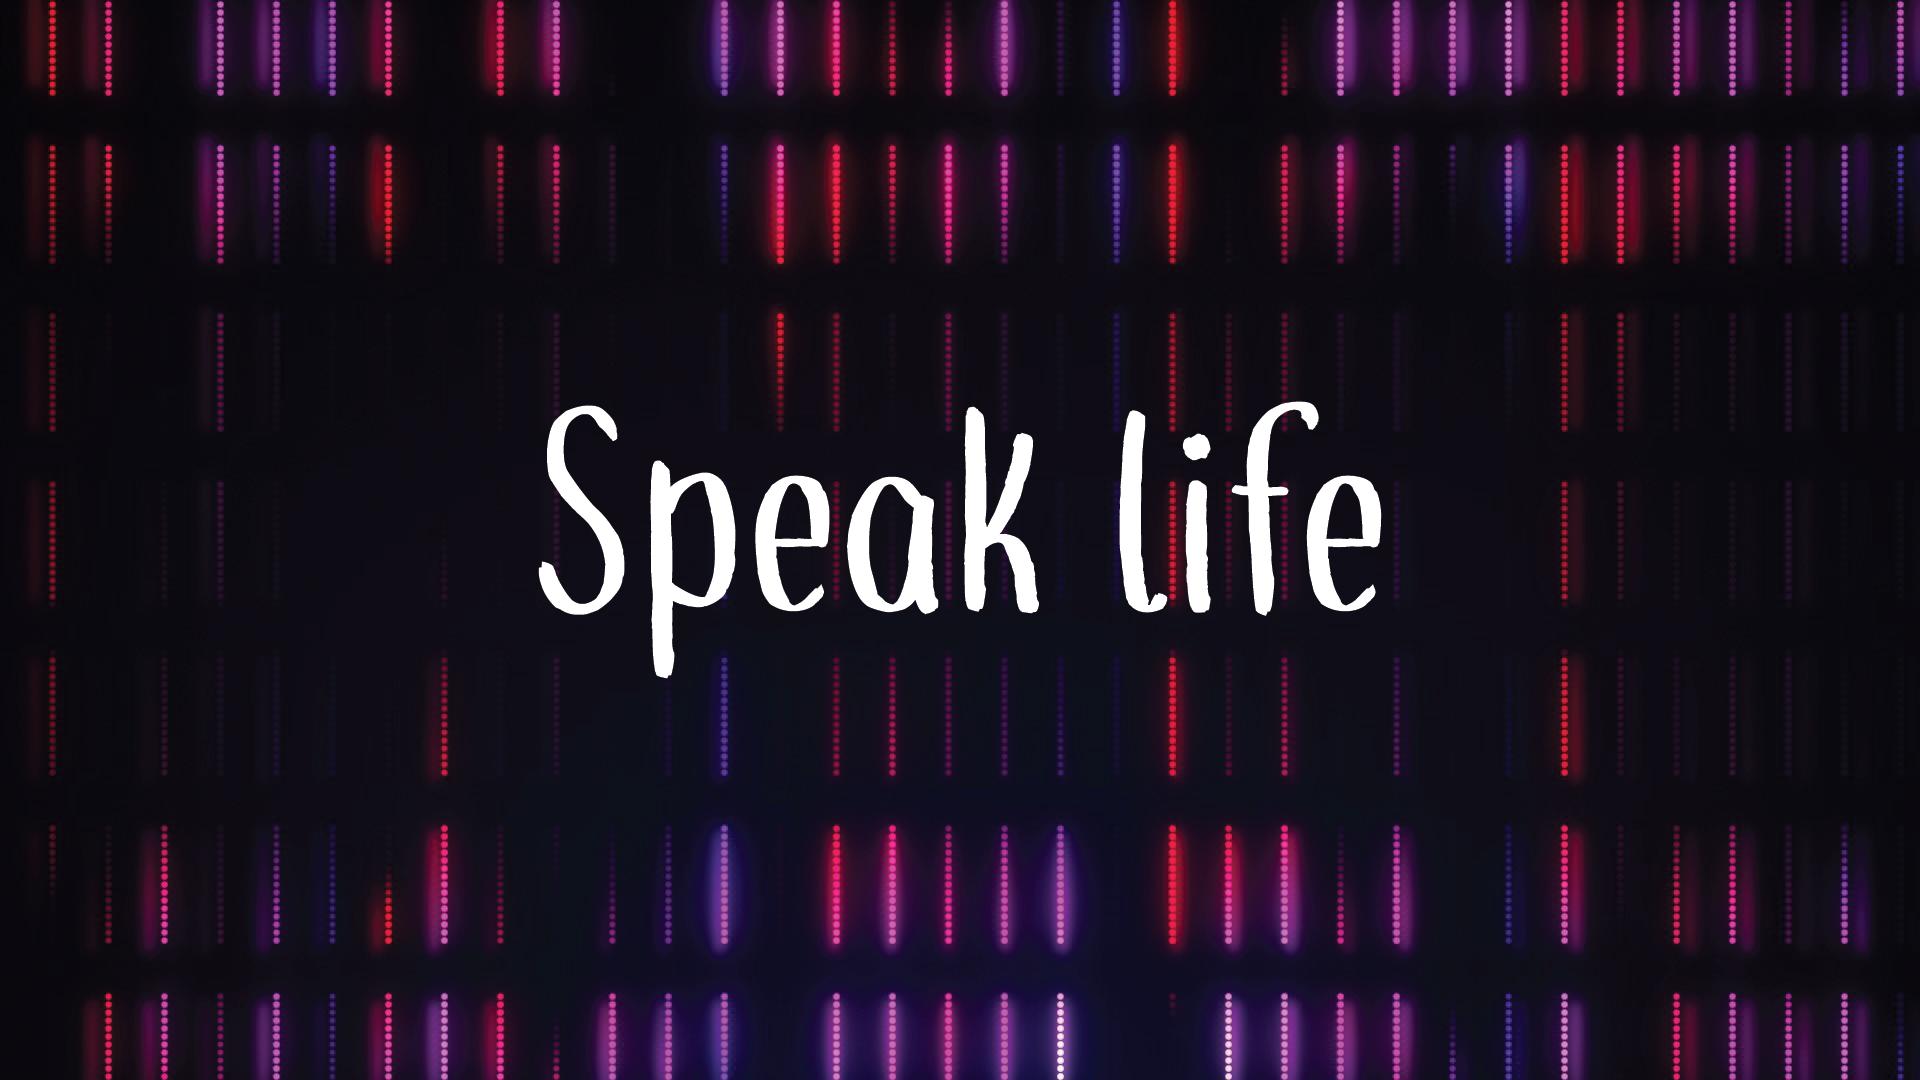 Speak life 01